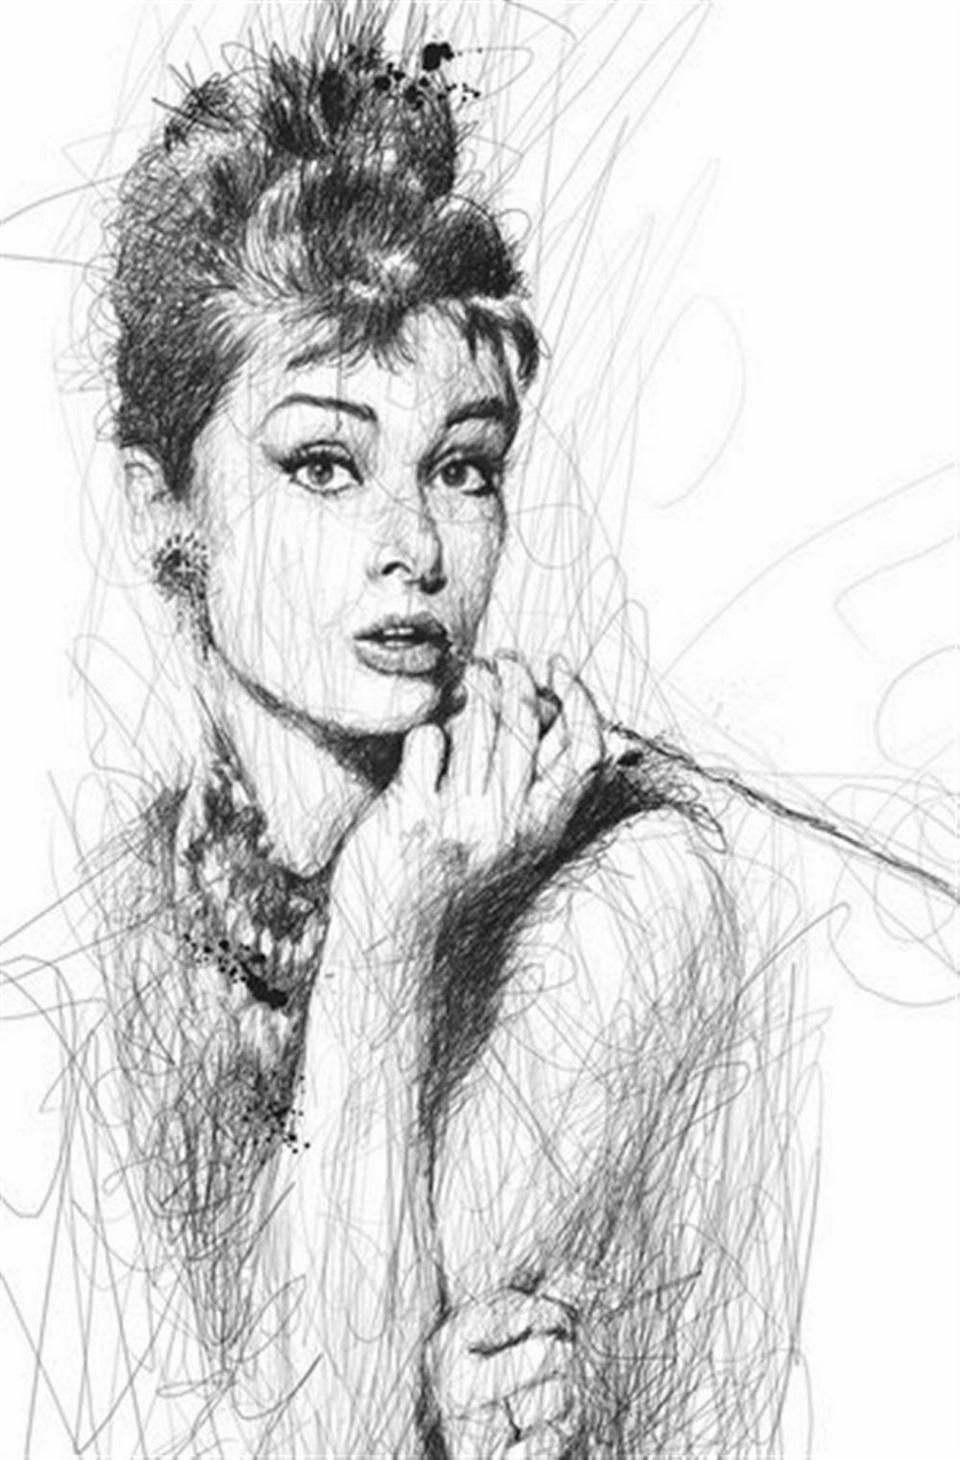 Известные художники которые рисуют портреты